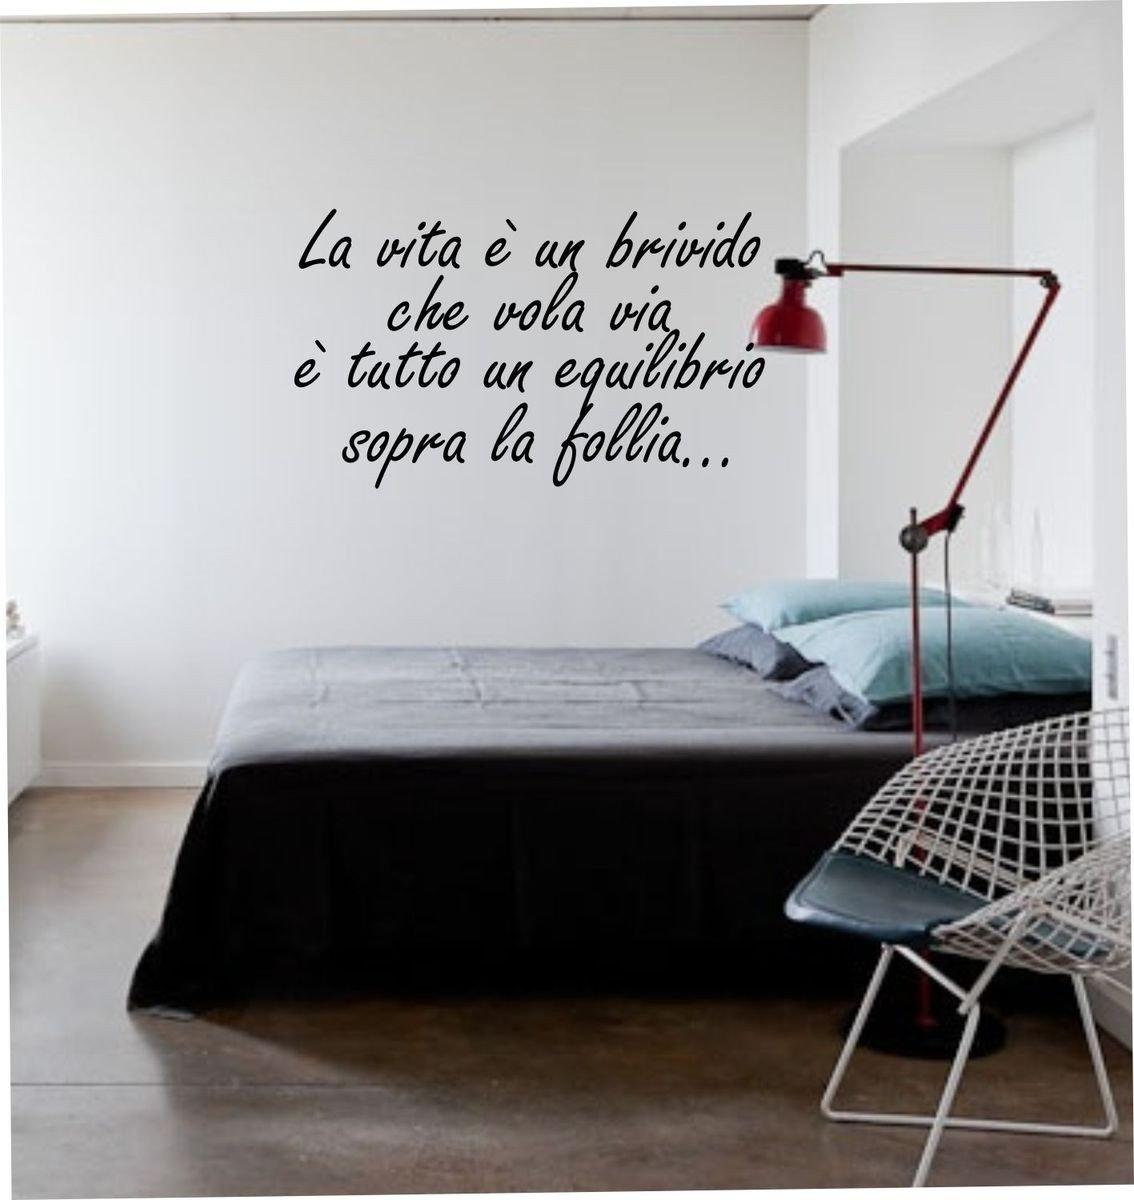 Wall Stickers Adesivo murale Frase La Vita è Un brivido Che vola Via (28cm x 25cm) - Adesivi murali Decorazioni Interni by tshirteria t-shirteria